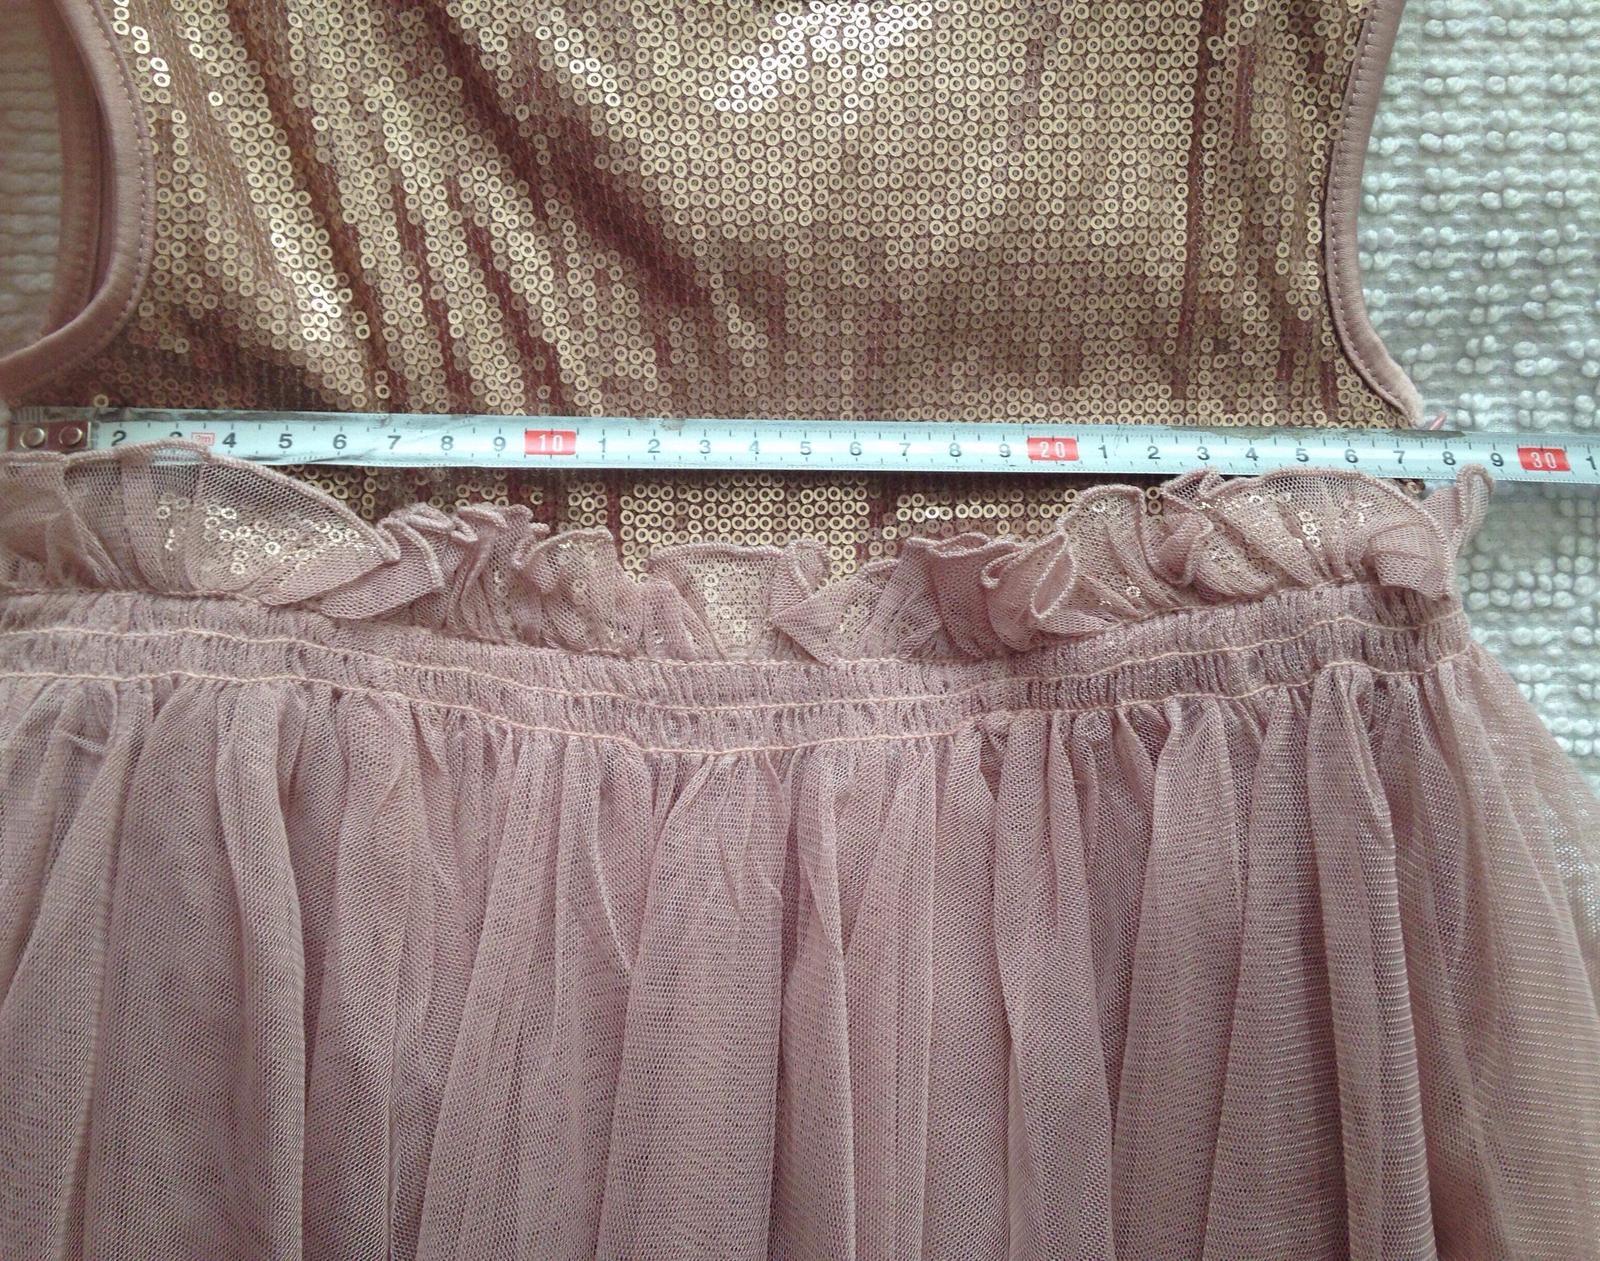 Šaty PompDeLux Charleston - Obrázok č. 3